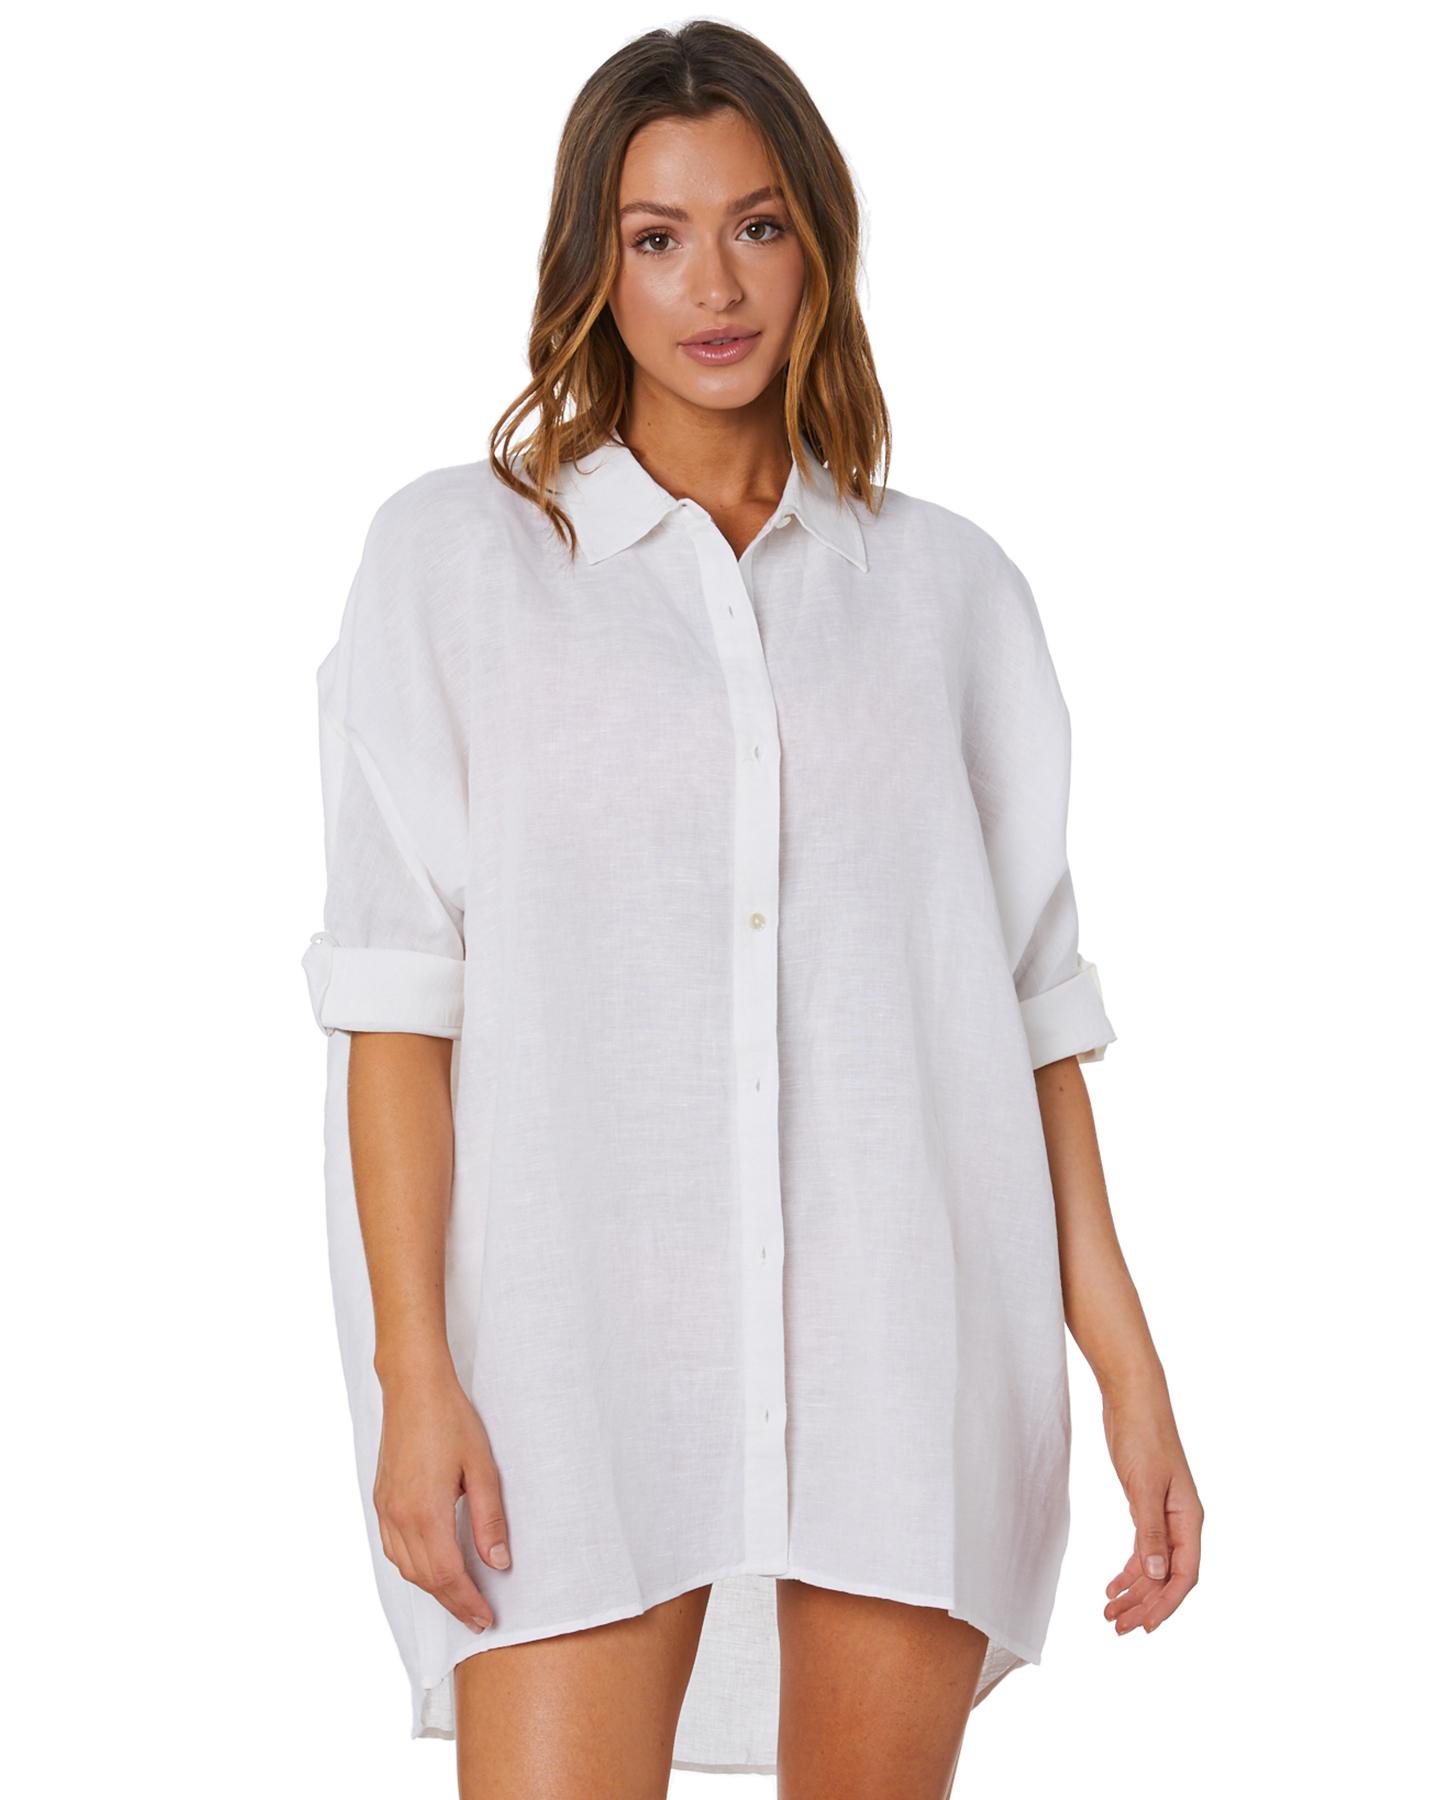 Seafolly Light Weight Linen Blend Shirt White